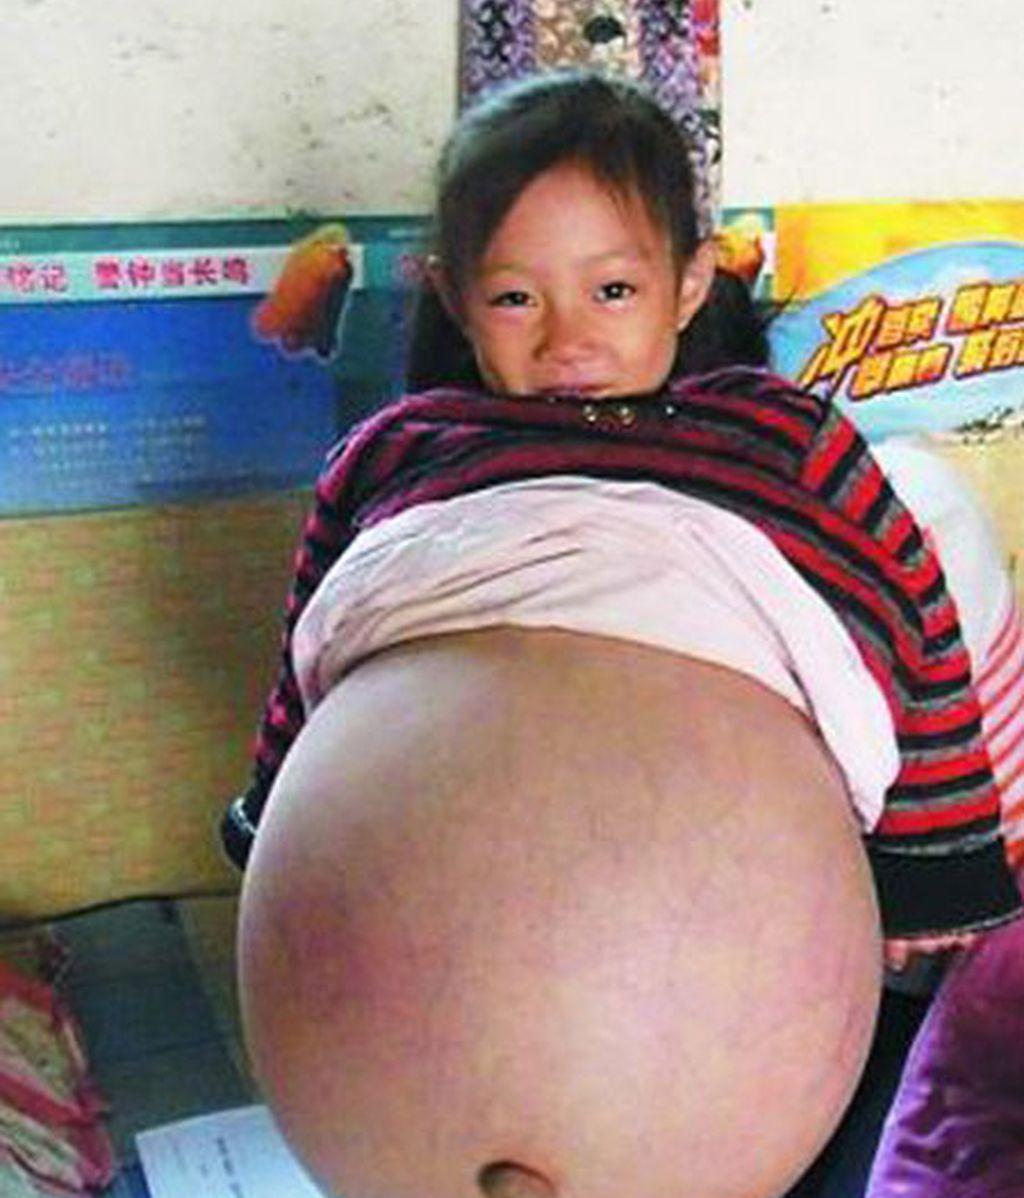 Padece una enfermedad que hincha su abdomen hasta límites extremos